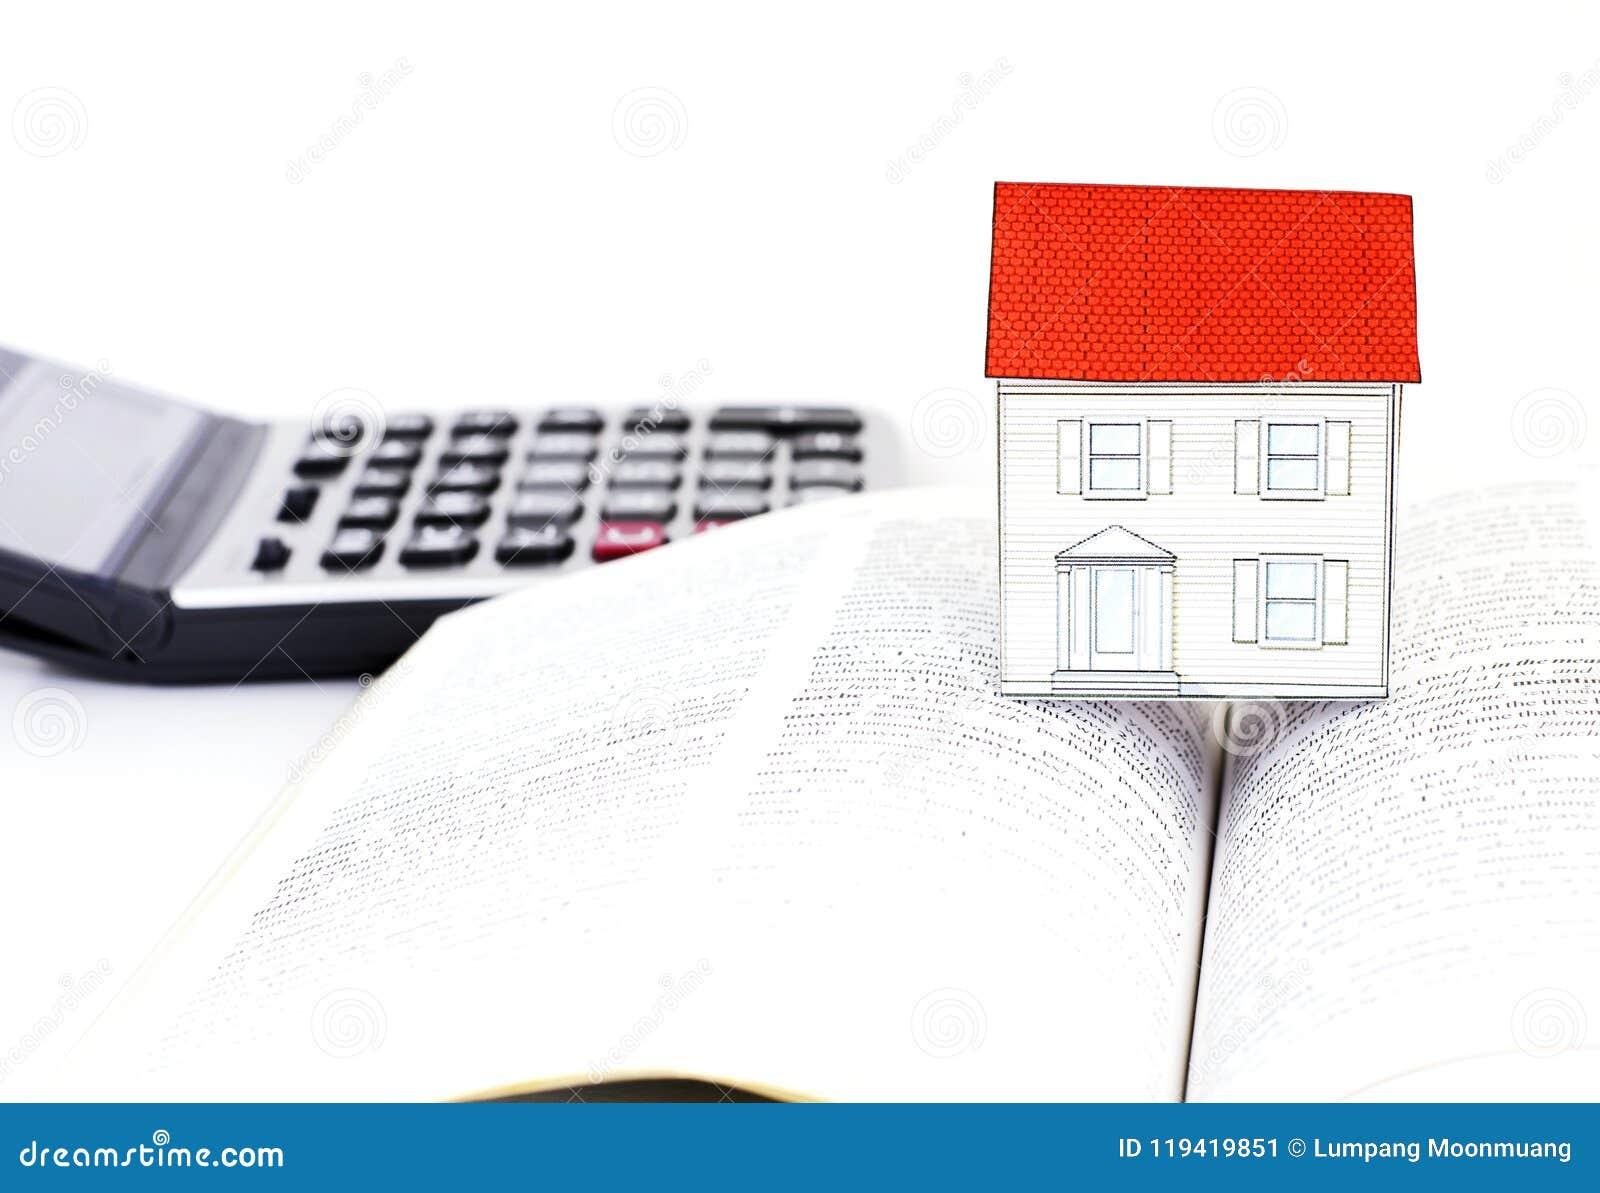 Σπίτι εγγράφου στα εγχειρίδια και υπολογιστής στο άσπρο υπόβαθρο